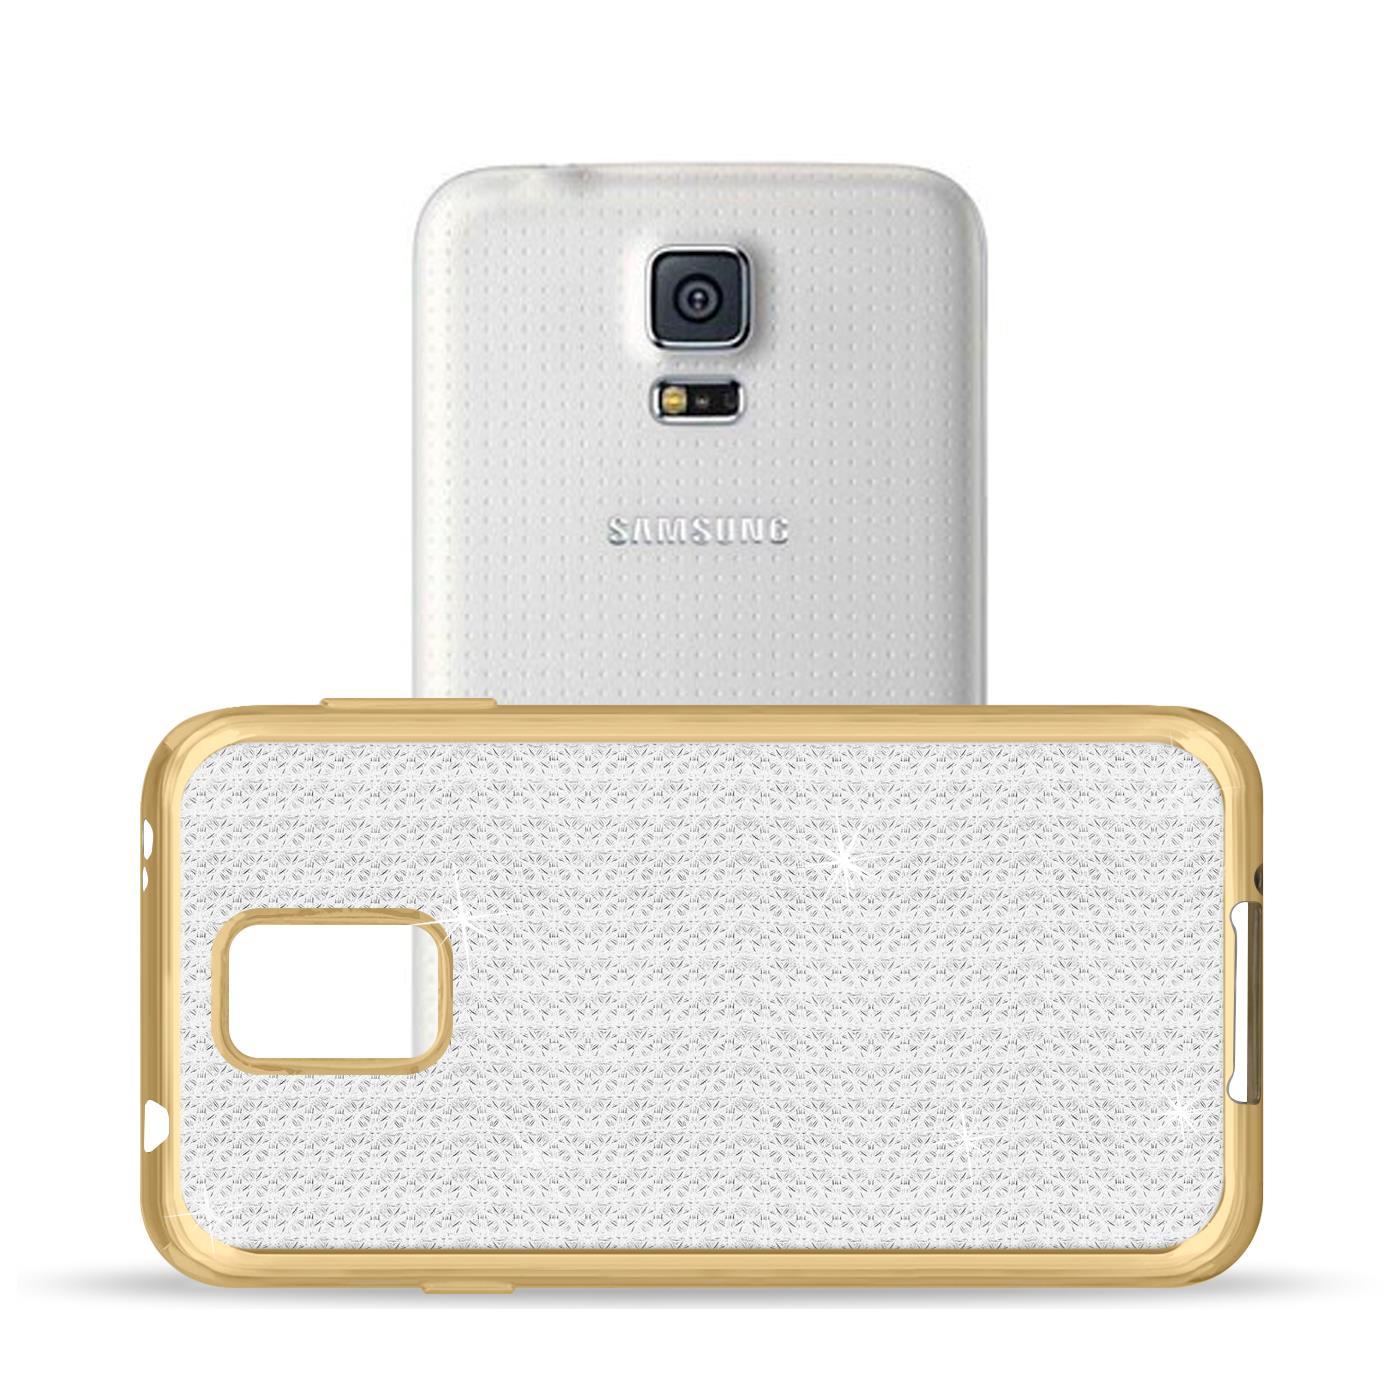 miniatura 4 - Funda para Móvil samsung Galaxy S5 Neo Protectora de Silicona Brillantina